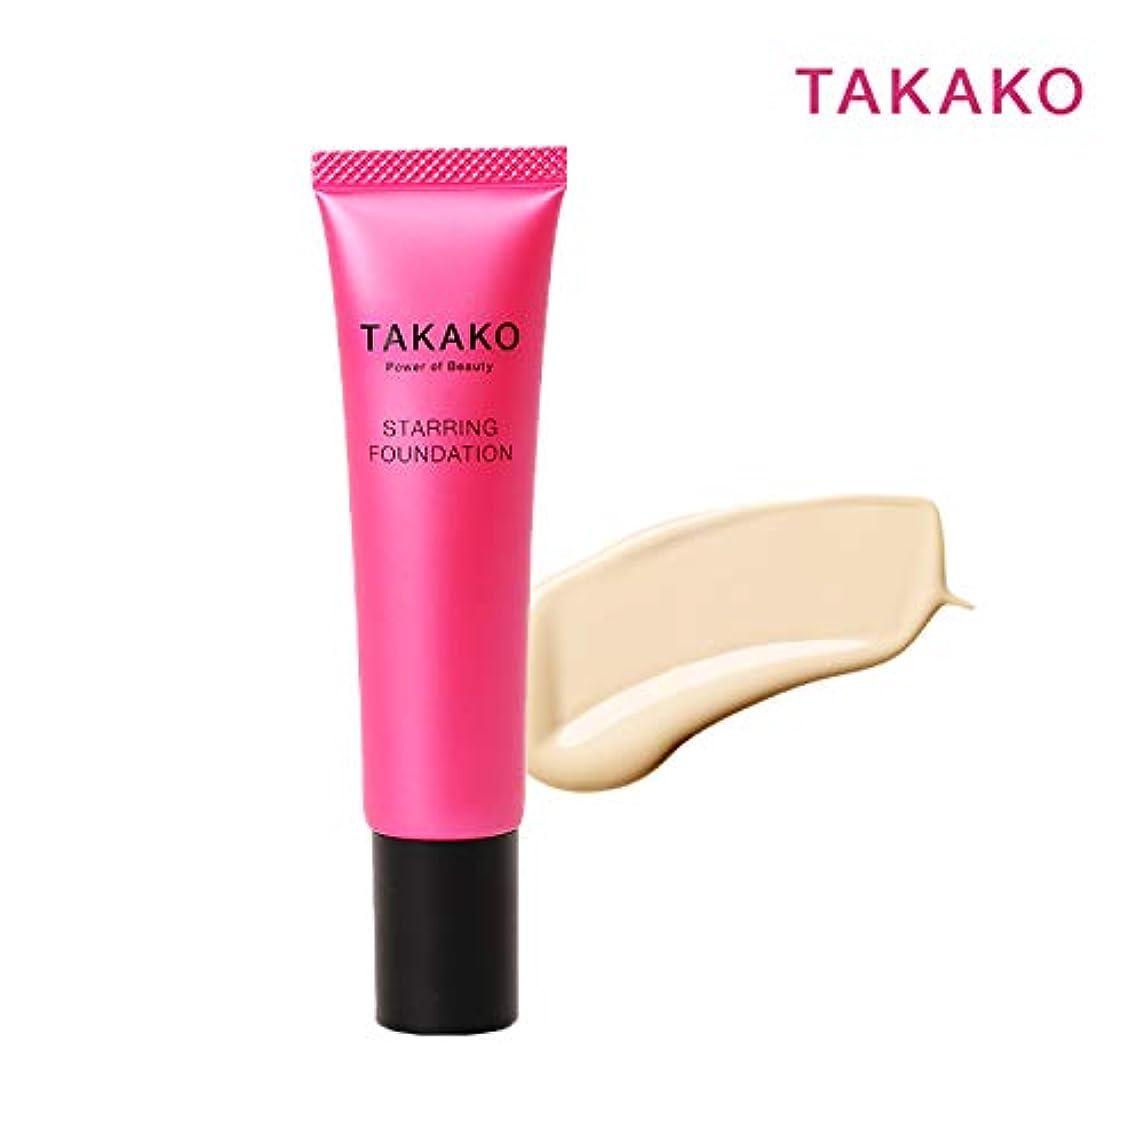 生物学施しハッチTAKAKO スターリングファンデーション リキッドファンデーション SPF20 PA++ 30g【タカコ コスメ】TAKAKO Power of Beauty STARRING FOUNDATION